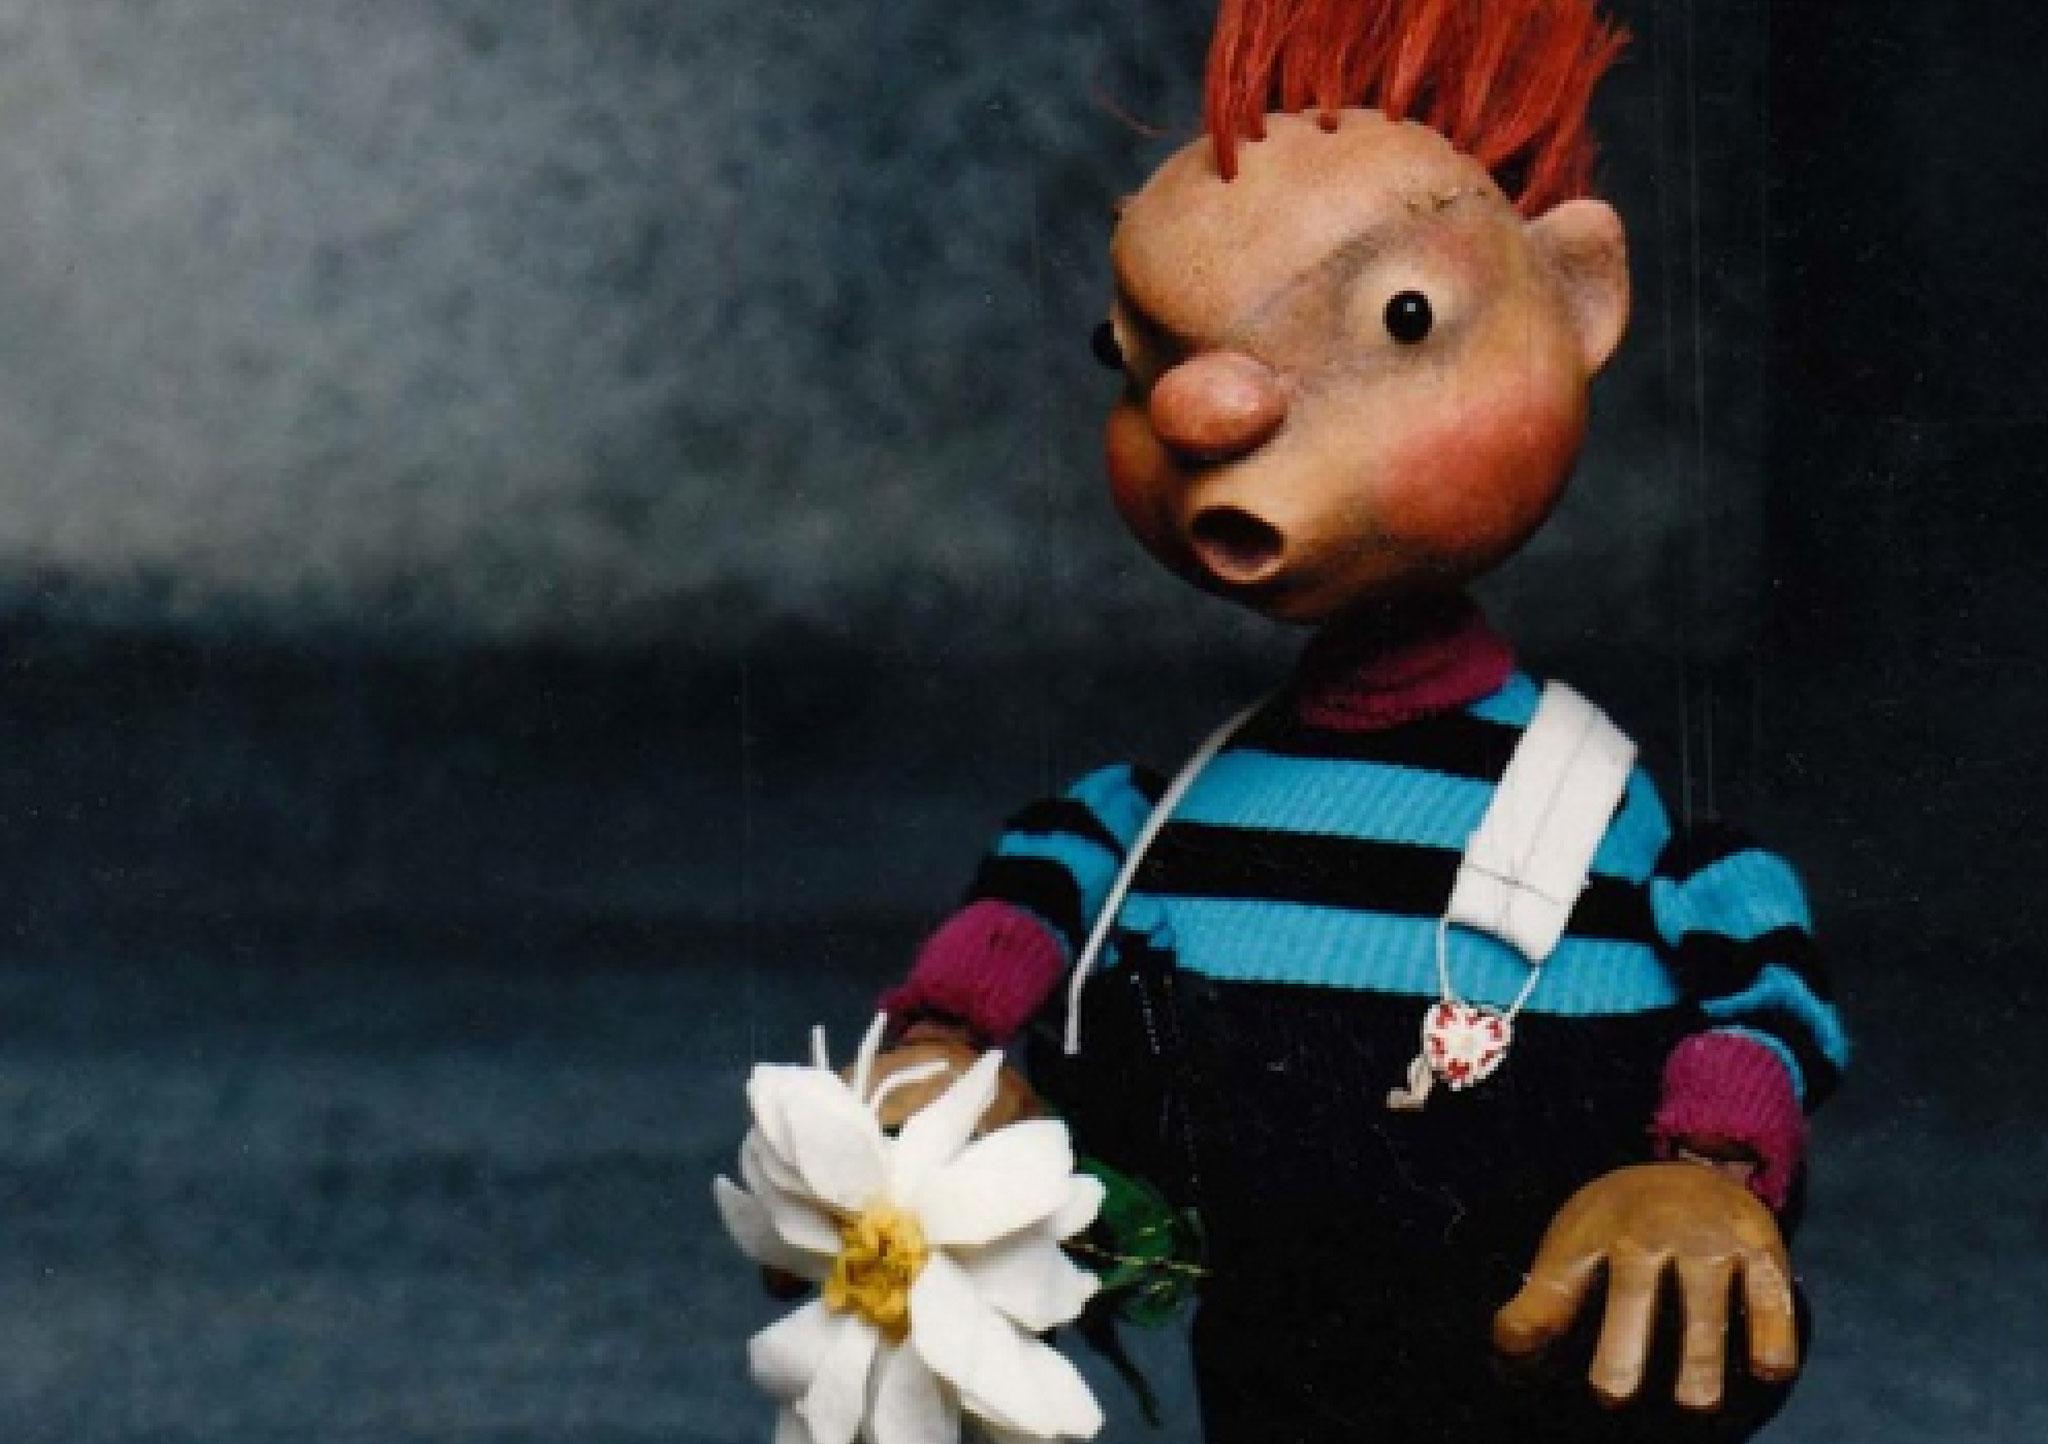 Punk Otto lässt seine miese Laune an einer Blume aus.